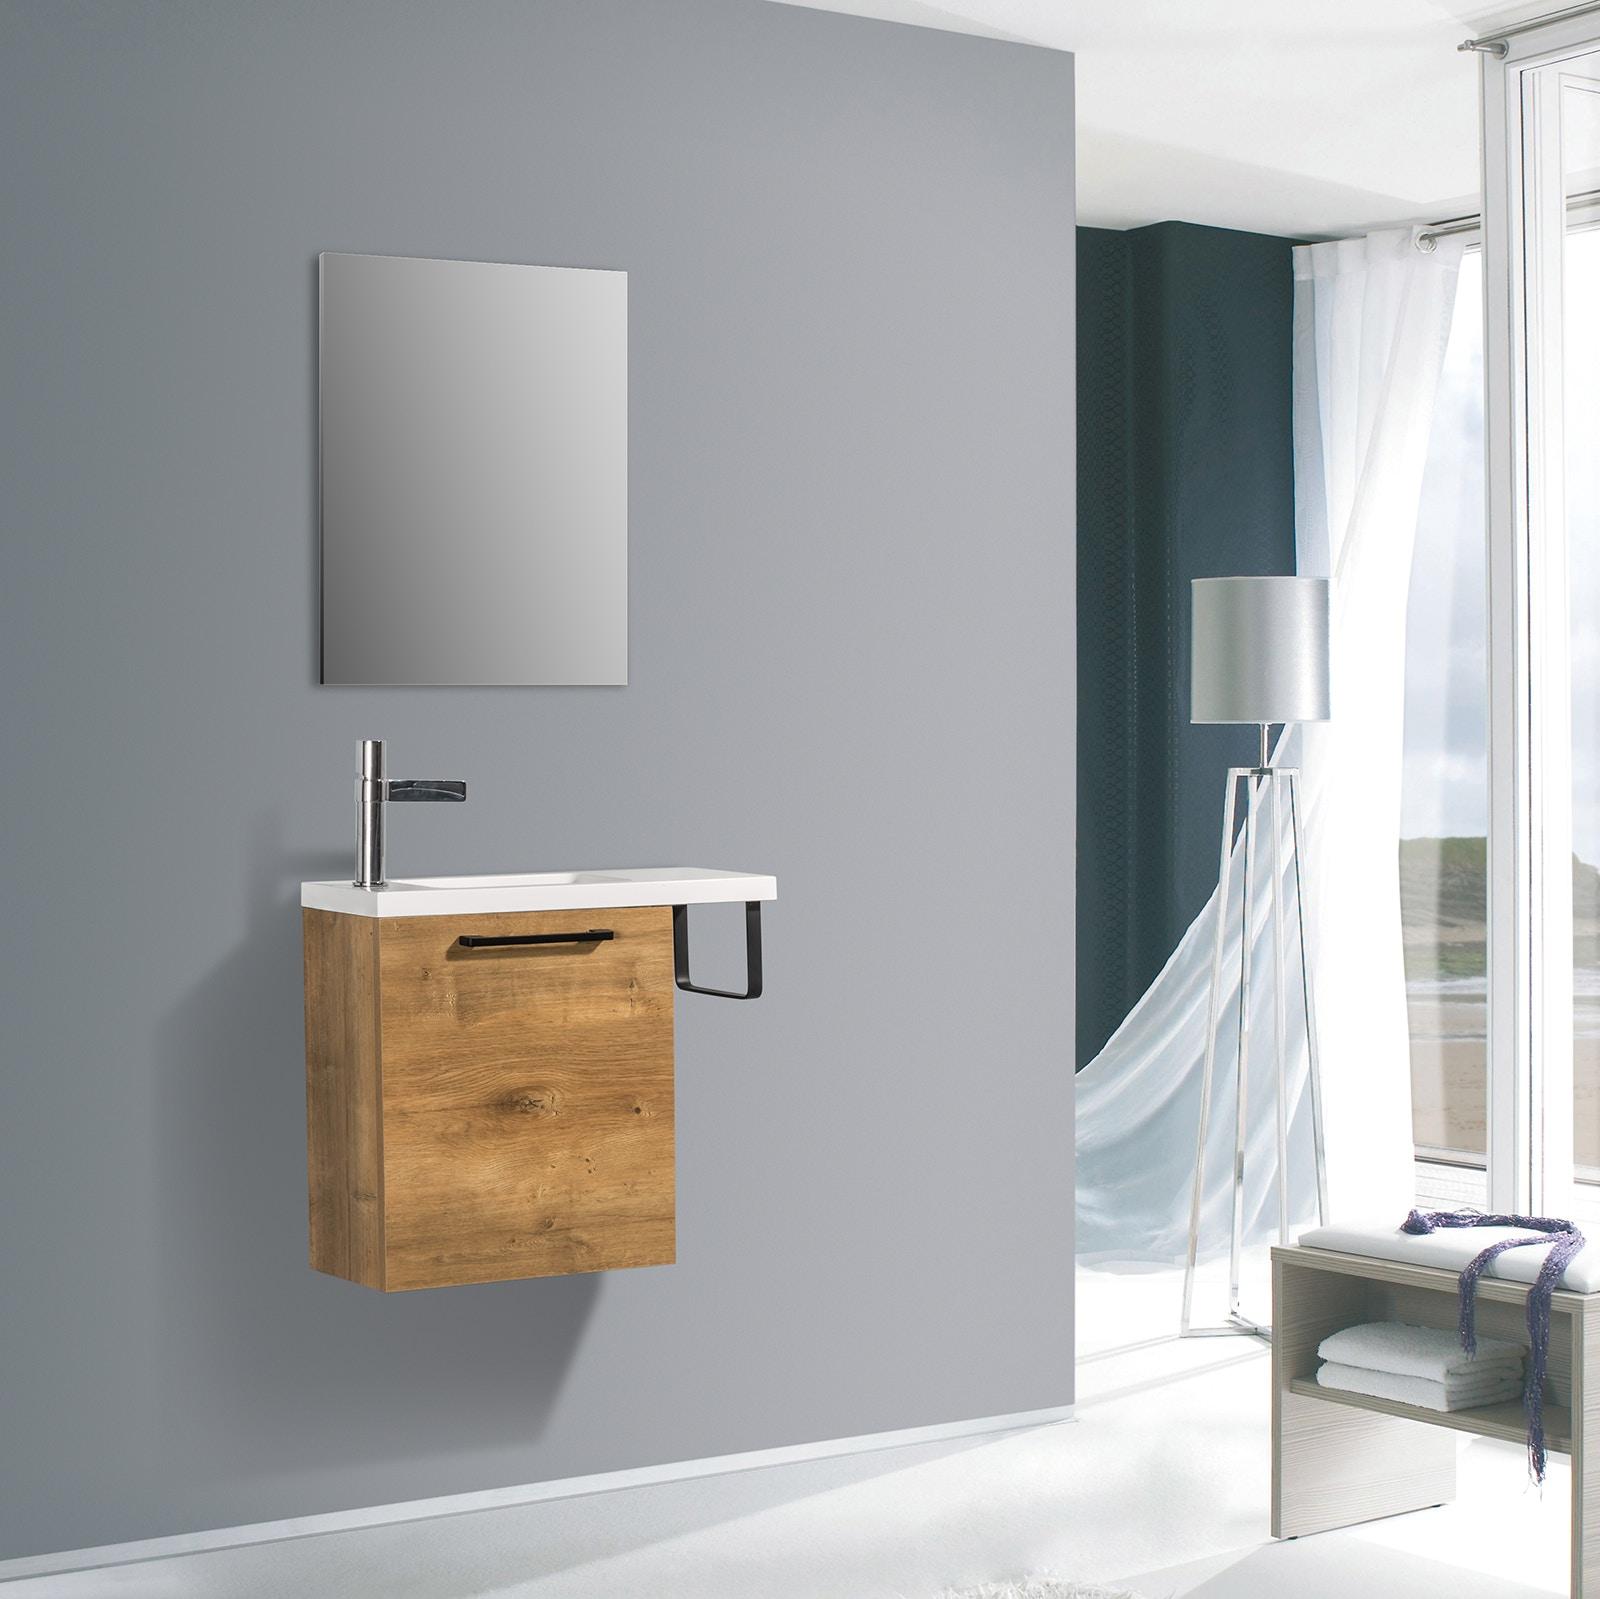 Meuble lave-mains avec porte serviette intégré TABLO 400 dans différentes couleurs - armoire de toilette en option